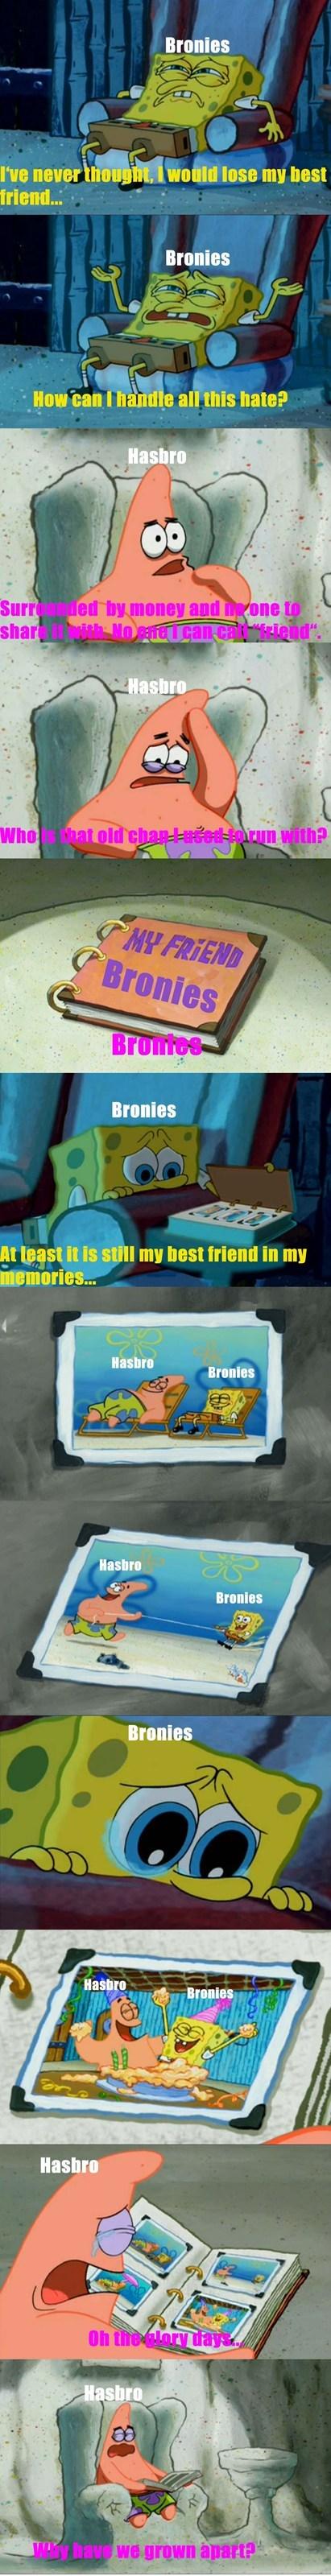 Bronies SpongeBob SquarePants love story - 7529532672